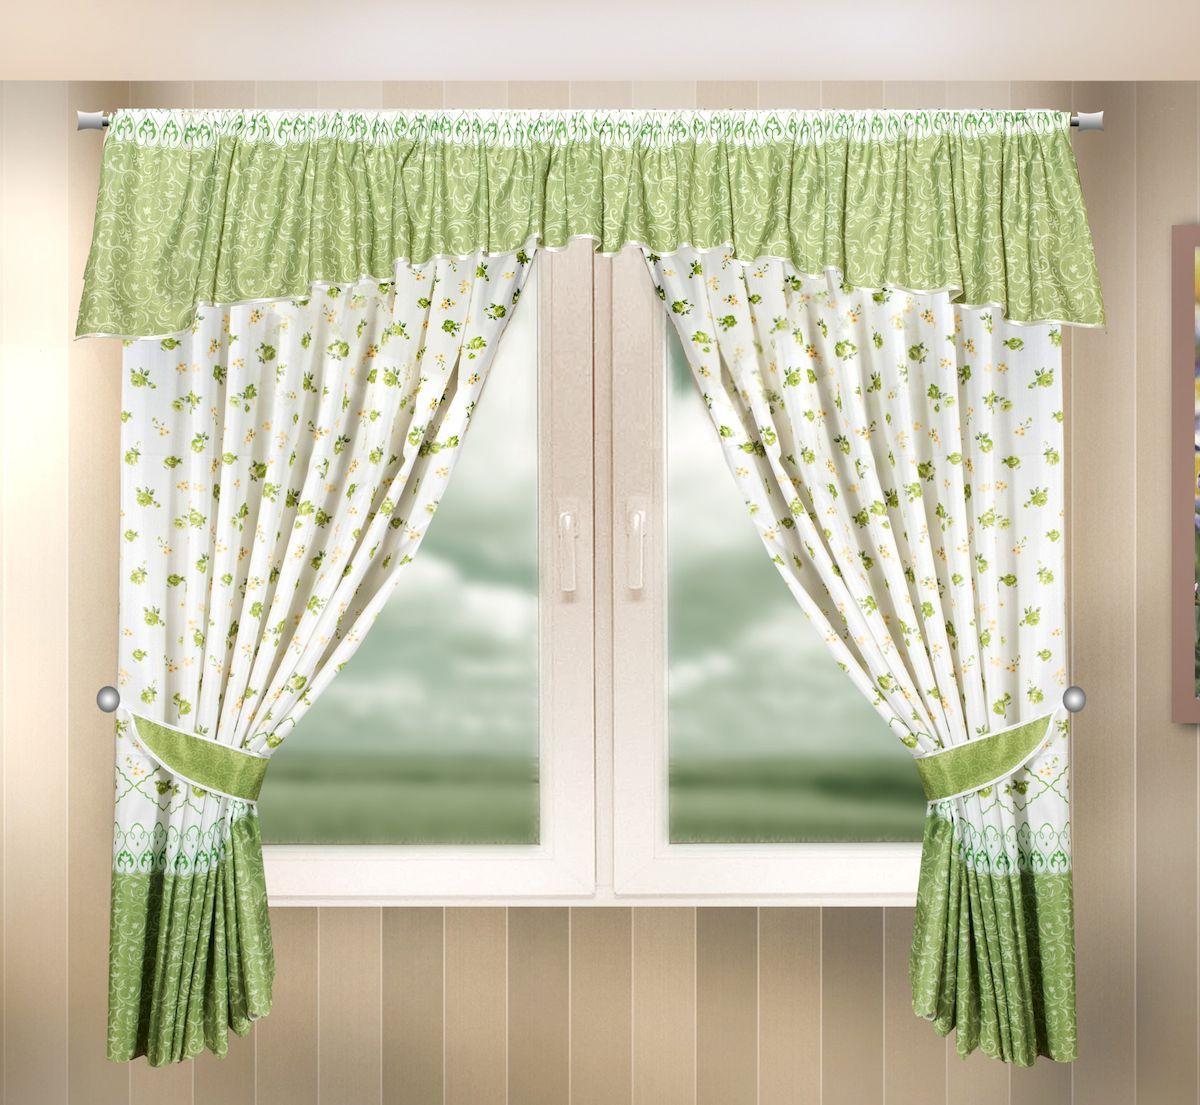 Комплект штор для кухни Zlata Korunka, на ленте, цвет: зеленый, высота 170 см. 333336333336Комплект штор для кухни Zlata Korunka, выполненный из полиэстера, великолепно украсит любое окно. Комплект состоит из ламбрекена, 2 штор и 2 подхватов. Цветочный рисунок и приятная цветовая гамма привлекут к себе внимание и органично впишутся в интерьер помещения. Этот комплект будет долгое время радовать вас и вашу семью!Комплект крепится на карниз при помощи ленты, которая поможет красиво и равномерно задрапировать верх.В комплект входит: Ламбрекен: 1 шт. Размер (Ш х В): 290 х 35 см.Штора: 2 шт. Размер (Ш х В): 140 х 170 см.Подхват: 2 шт.